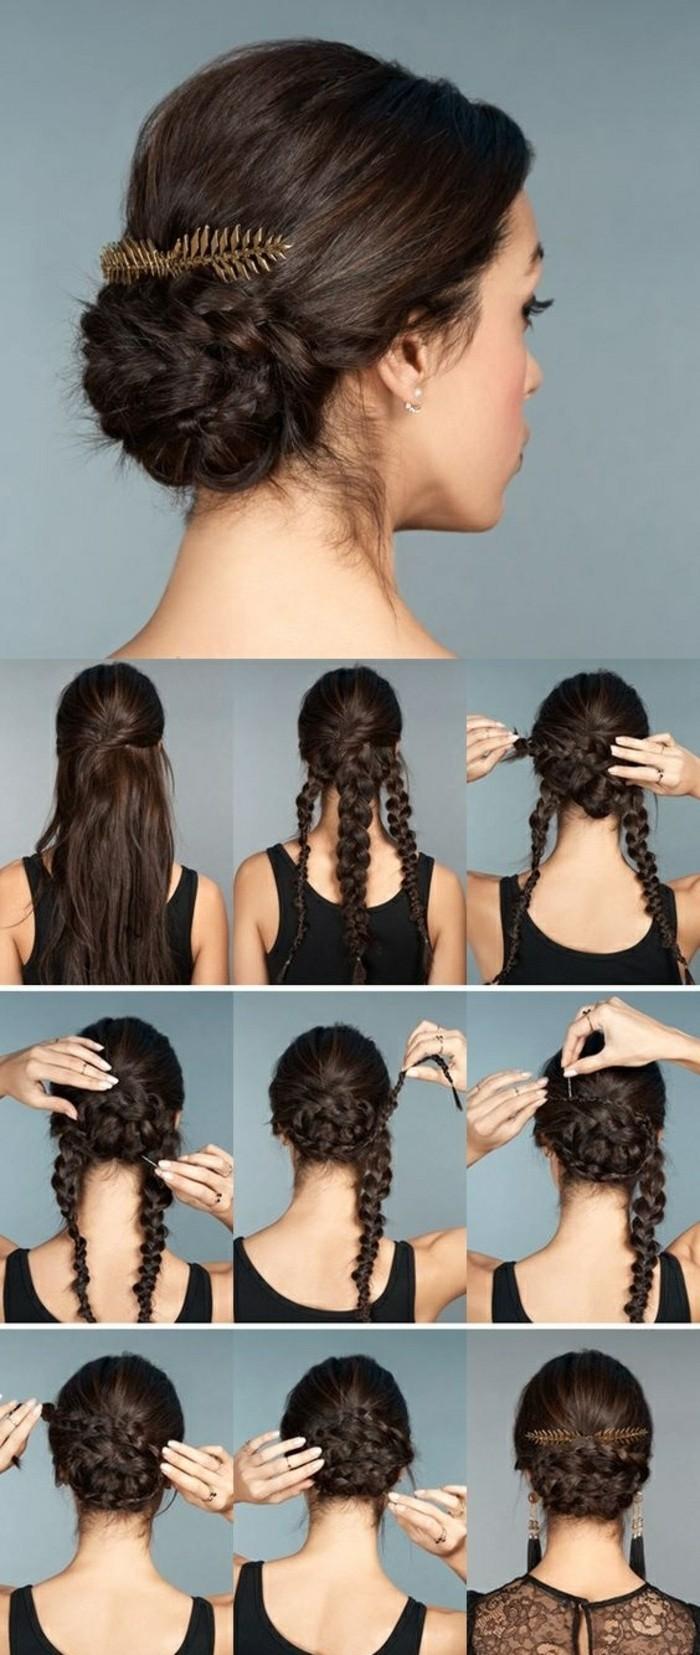 Acconciature facili, chignon con trecce, capelli molto lunghi